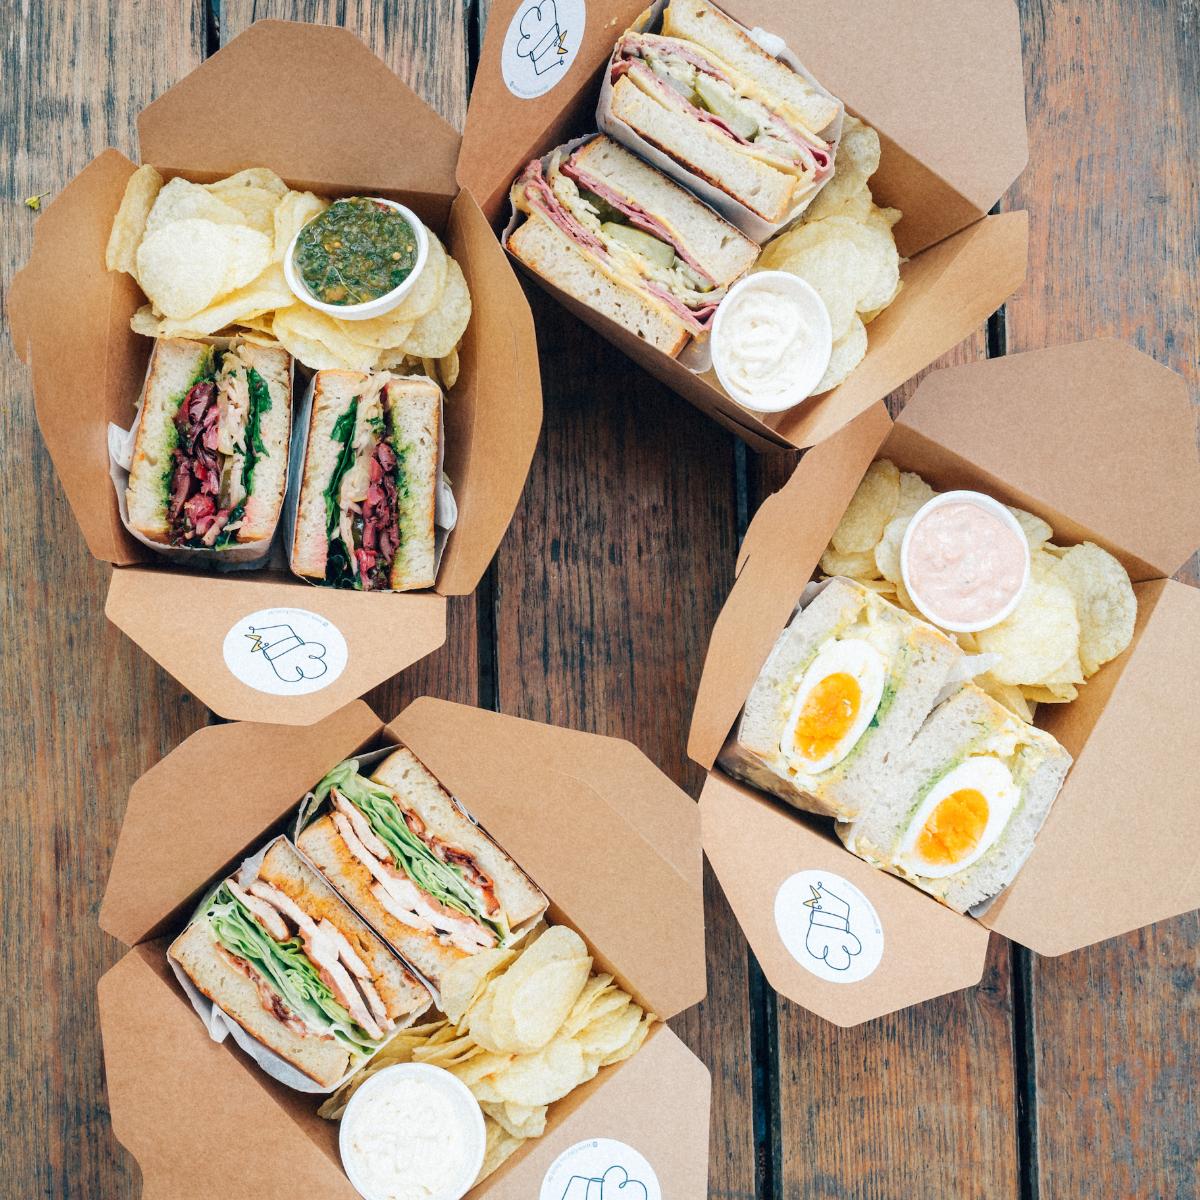 Sammies Sandwiches (7)